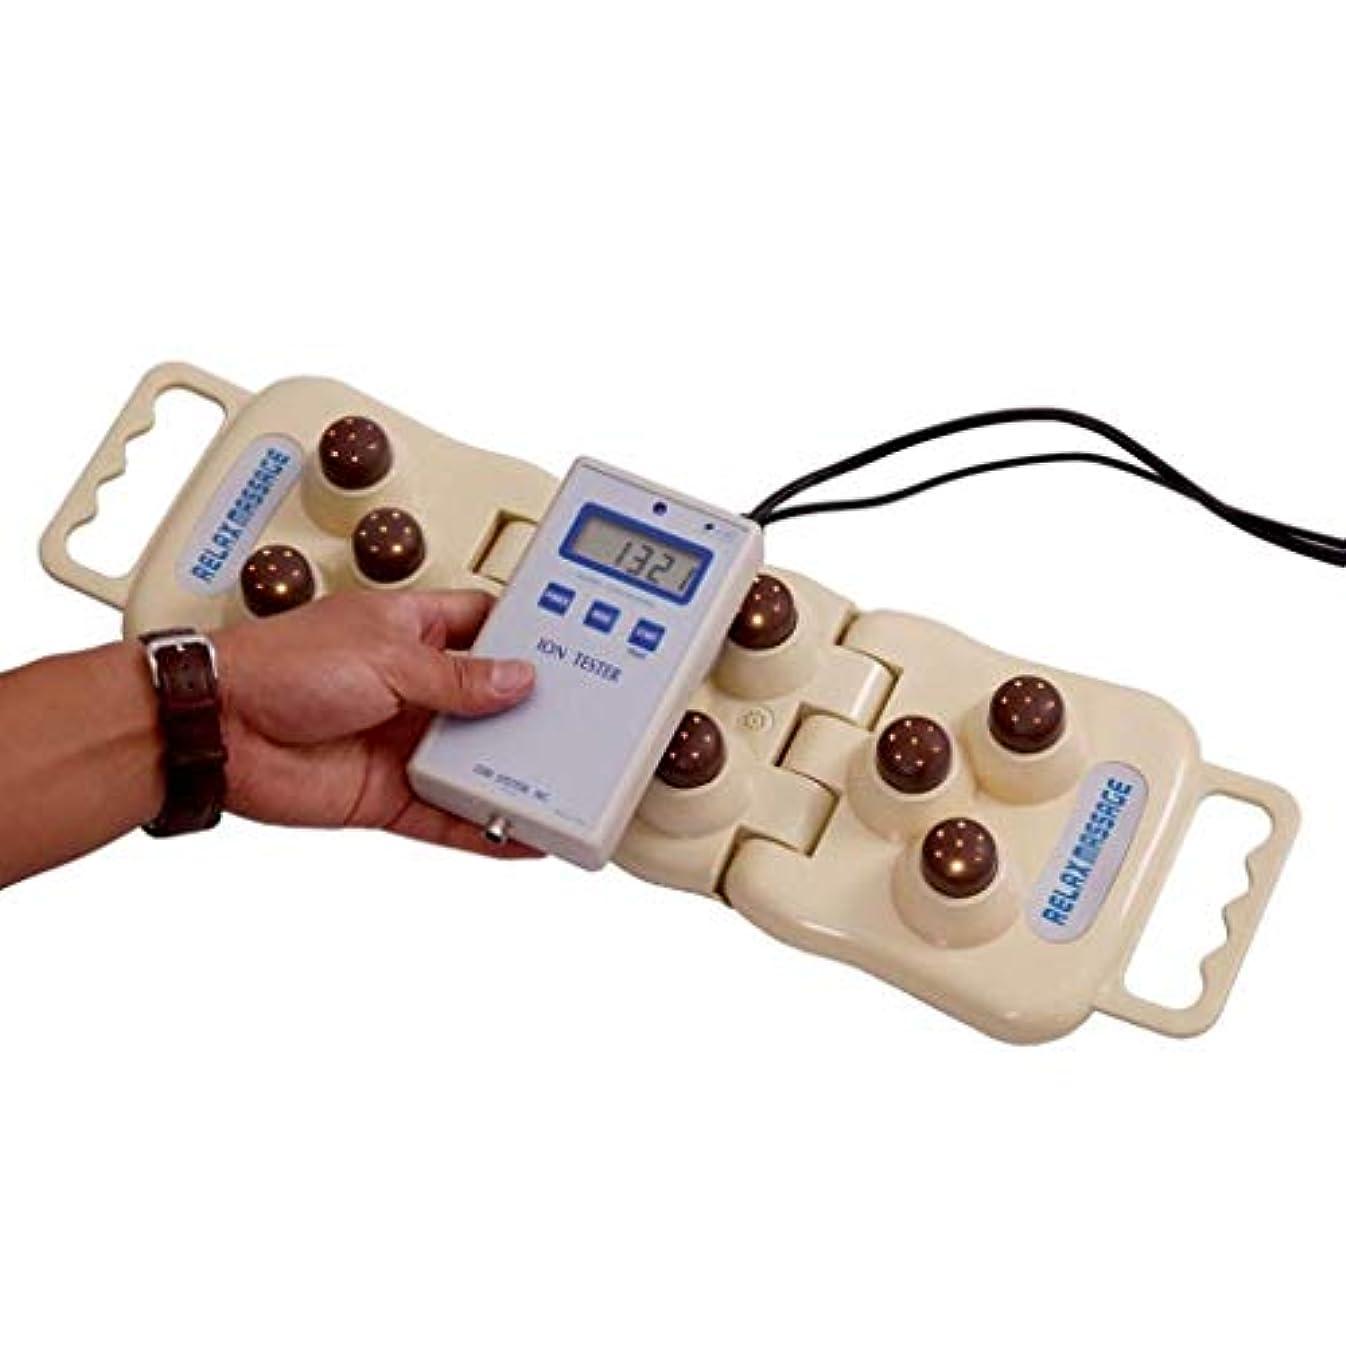 キャンベラハッチ追記電気マッサージ器、トルマリン理学療法頸椎健康機器、暖房理学療法器具、膝/肩/腰/脚マッサージ、全身ヒーターマッサージリラックス